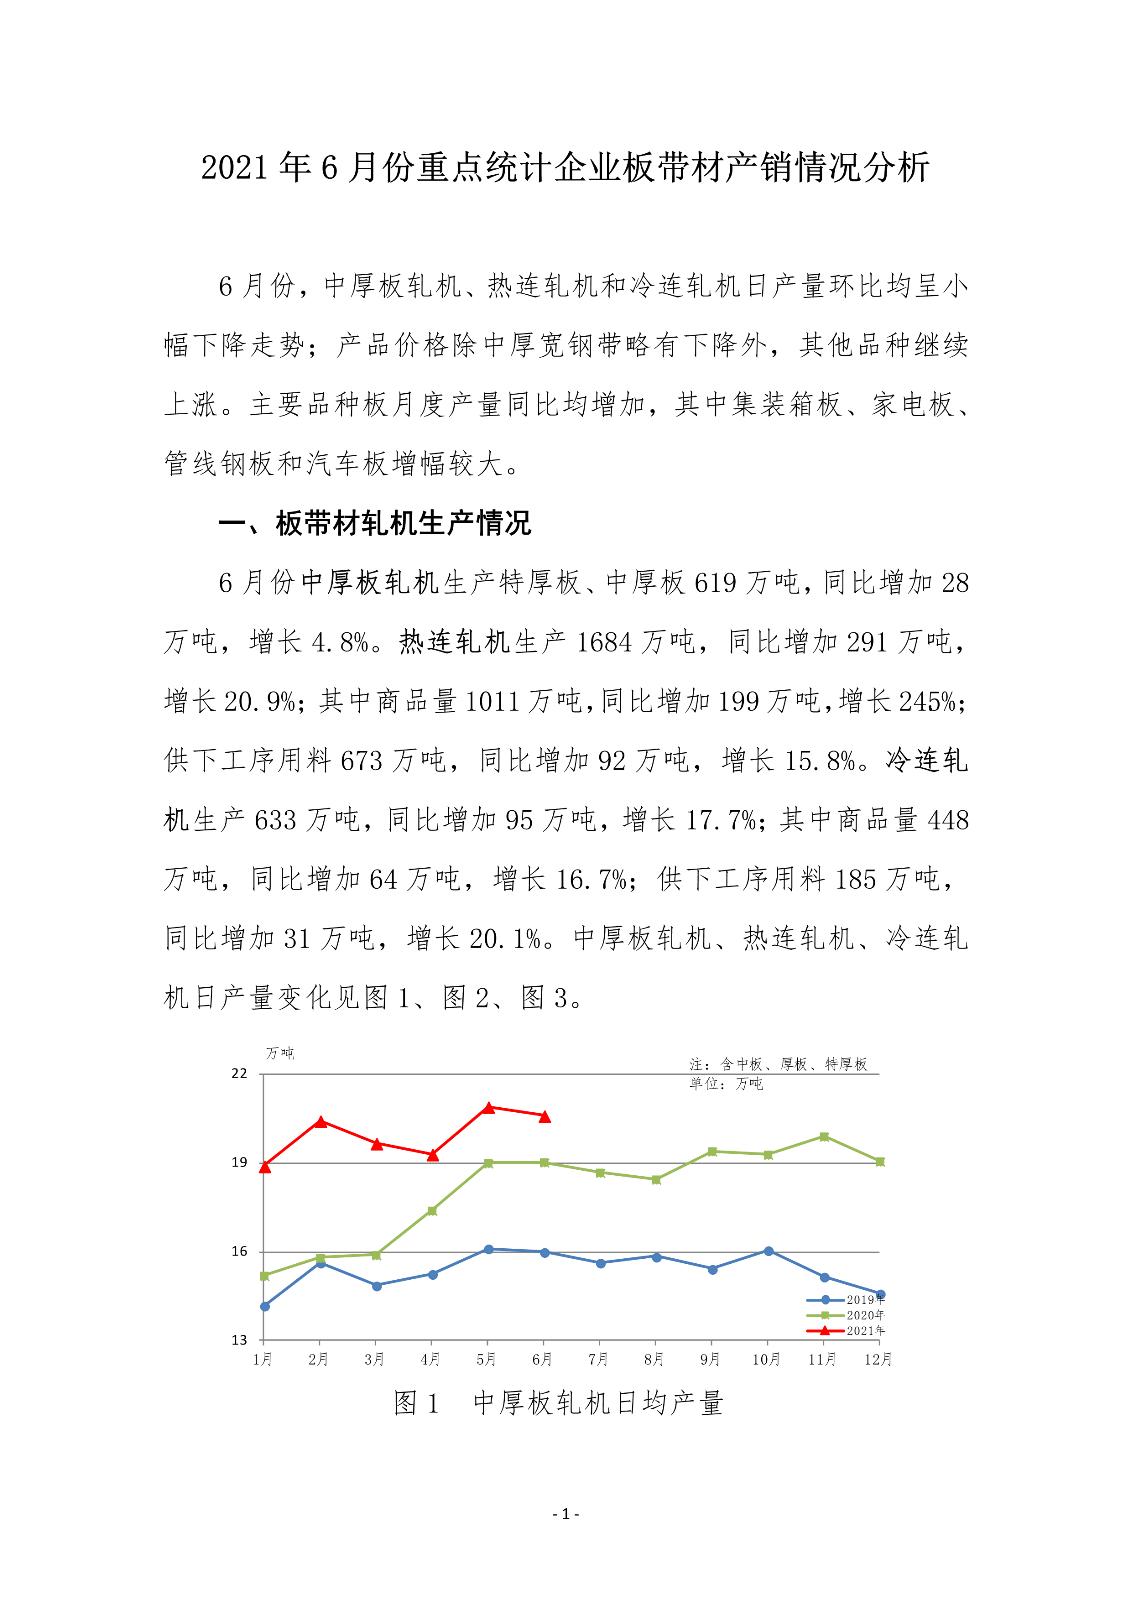 中钢协:6月份重点统计企业板带材产销情况分析